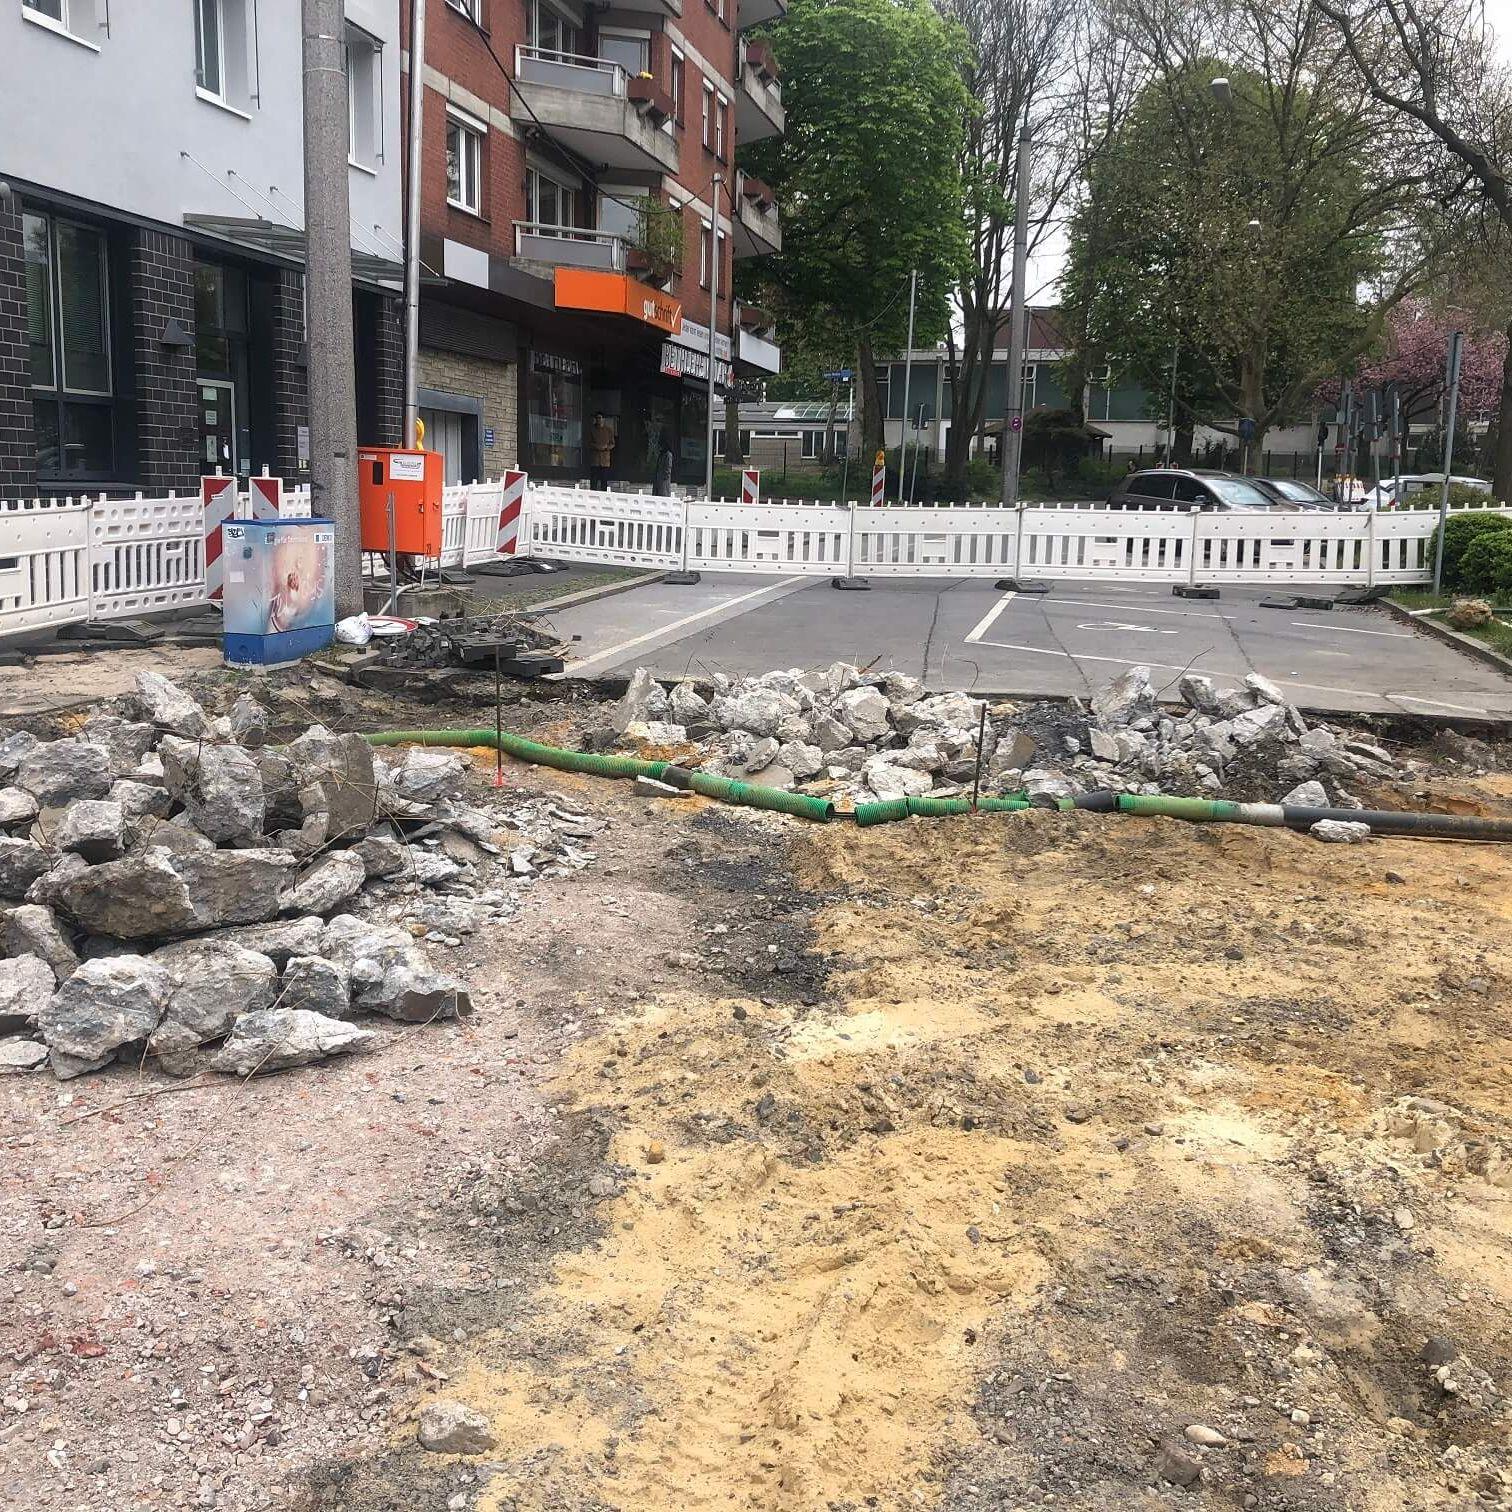 Bauarbeiten für den Radwall Dortmund im Rahmen des UmsteiGERN-Projekts